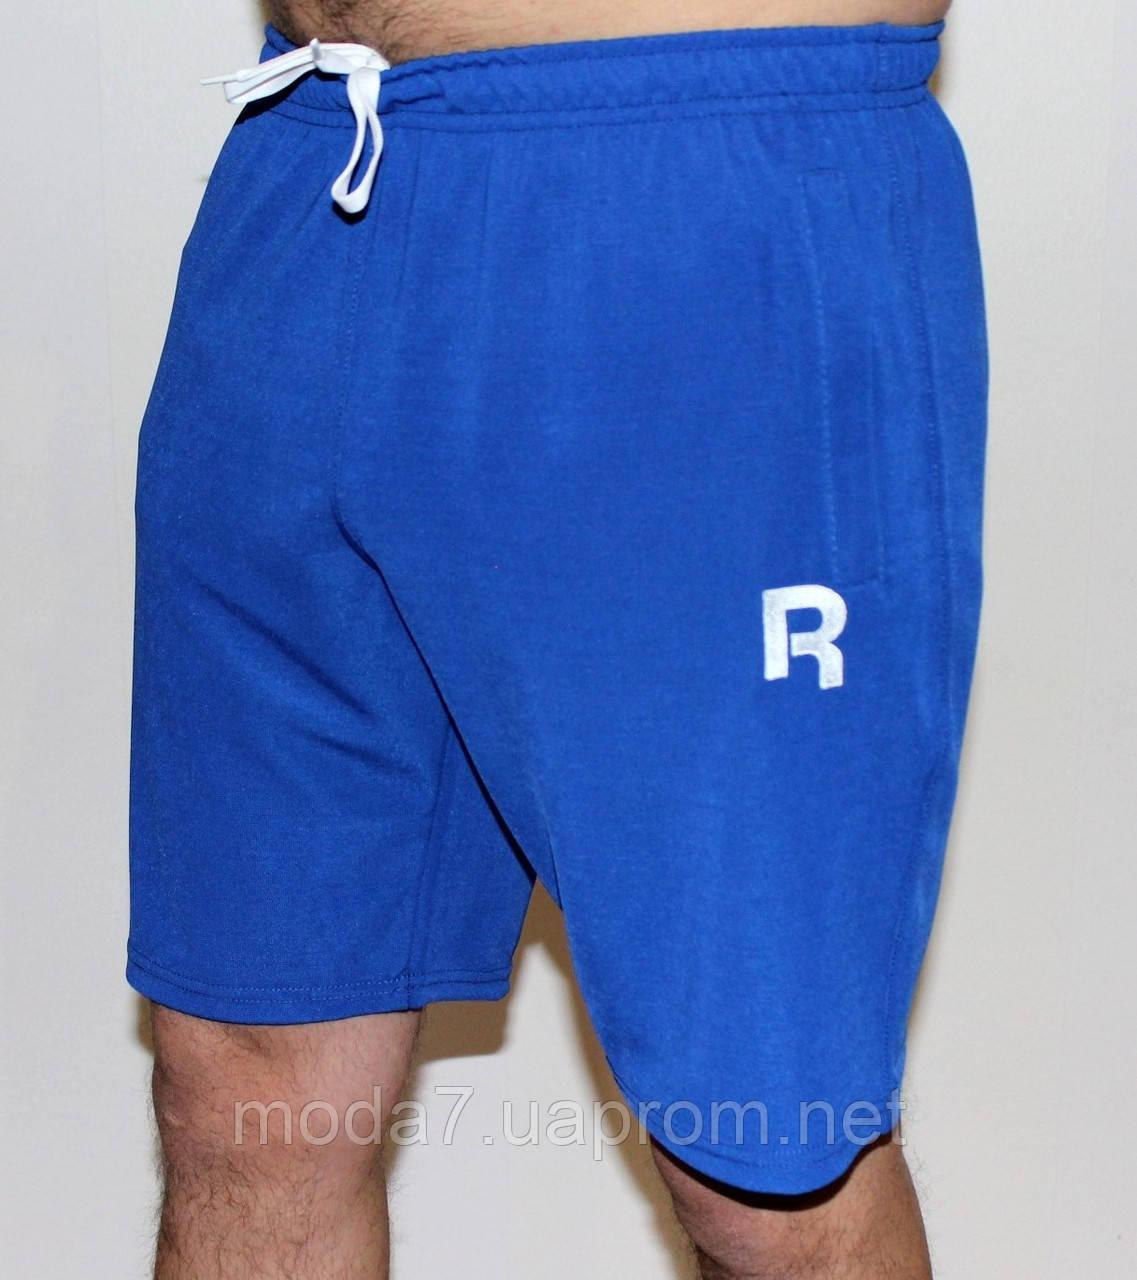 Шорты мужские синие Reebok реплика